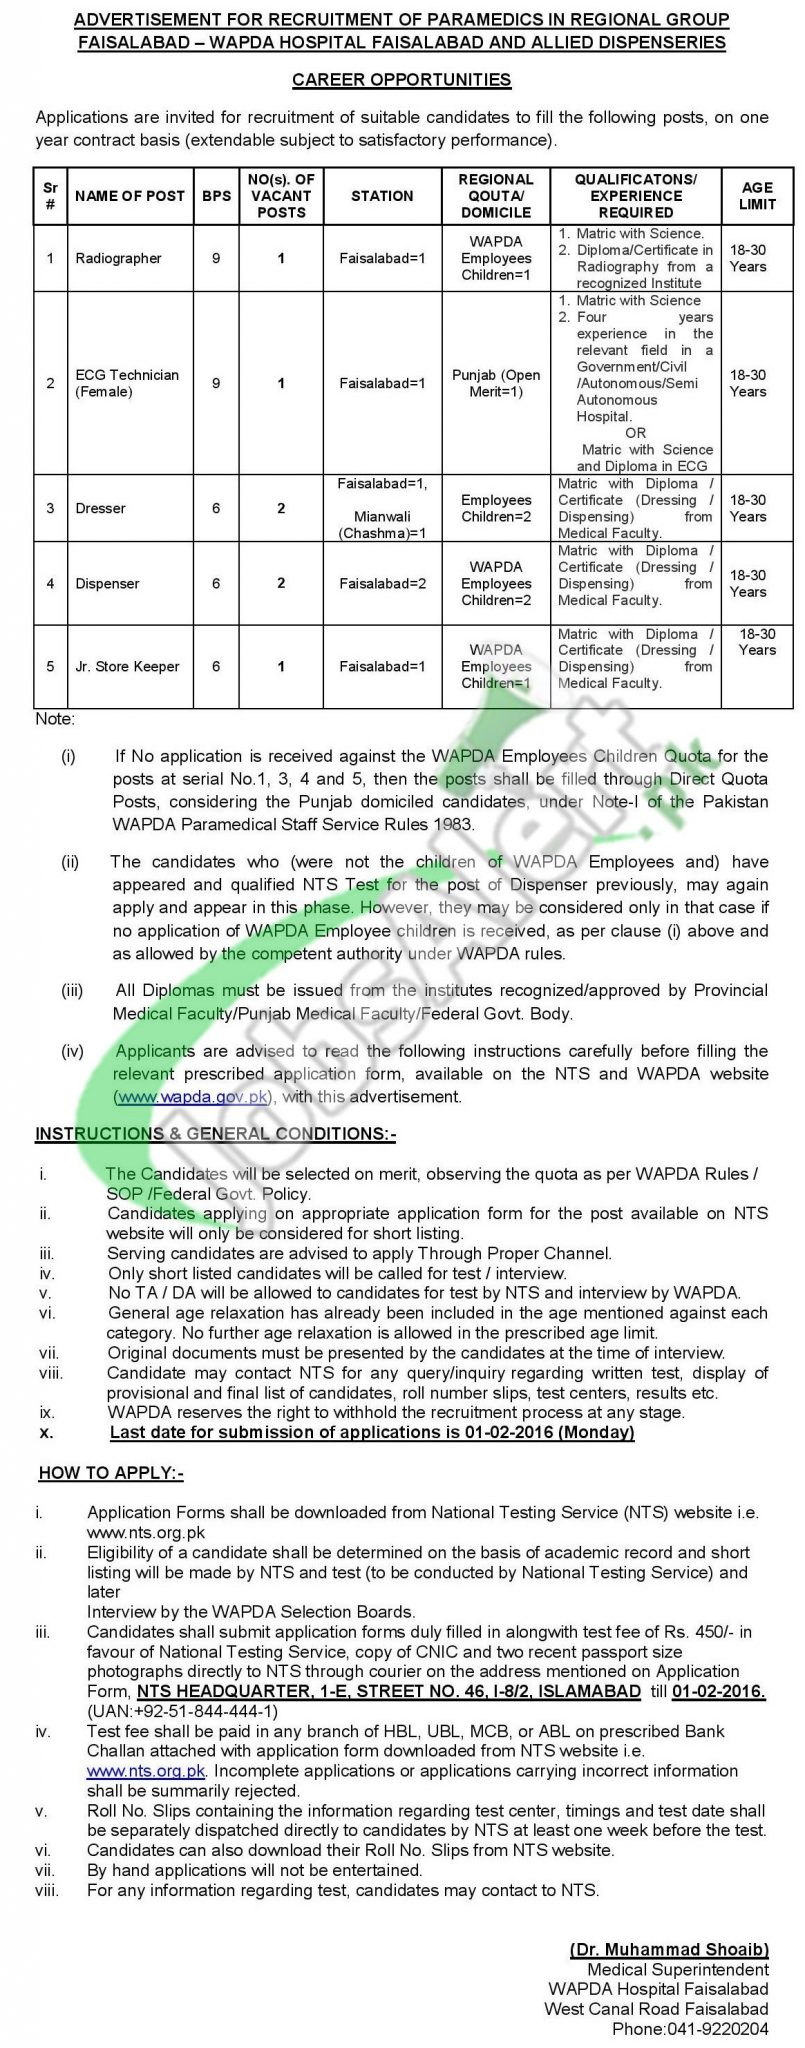 WAPDA Hospital Faisalabad Jobs